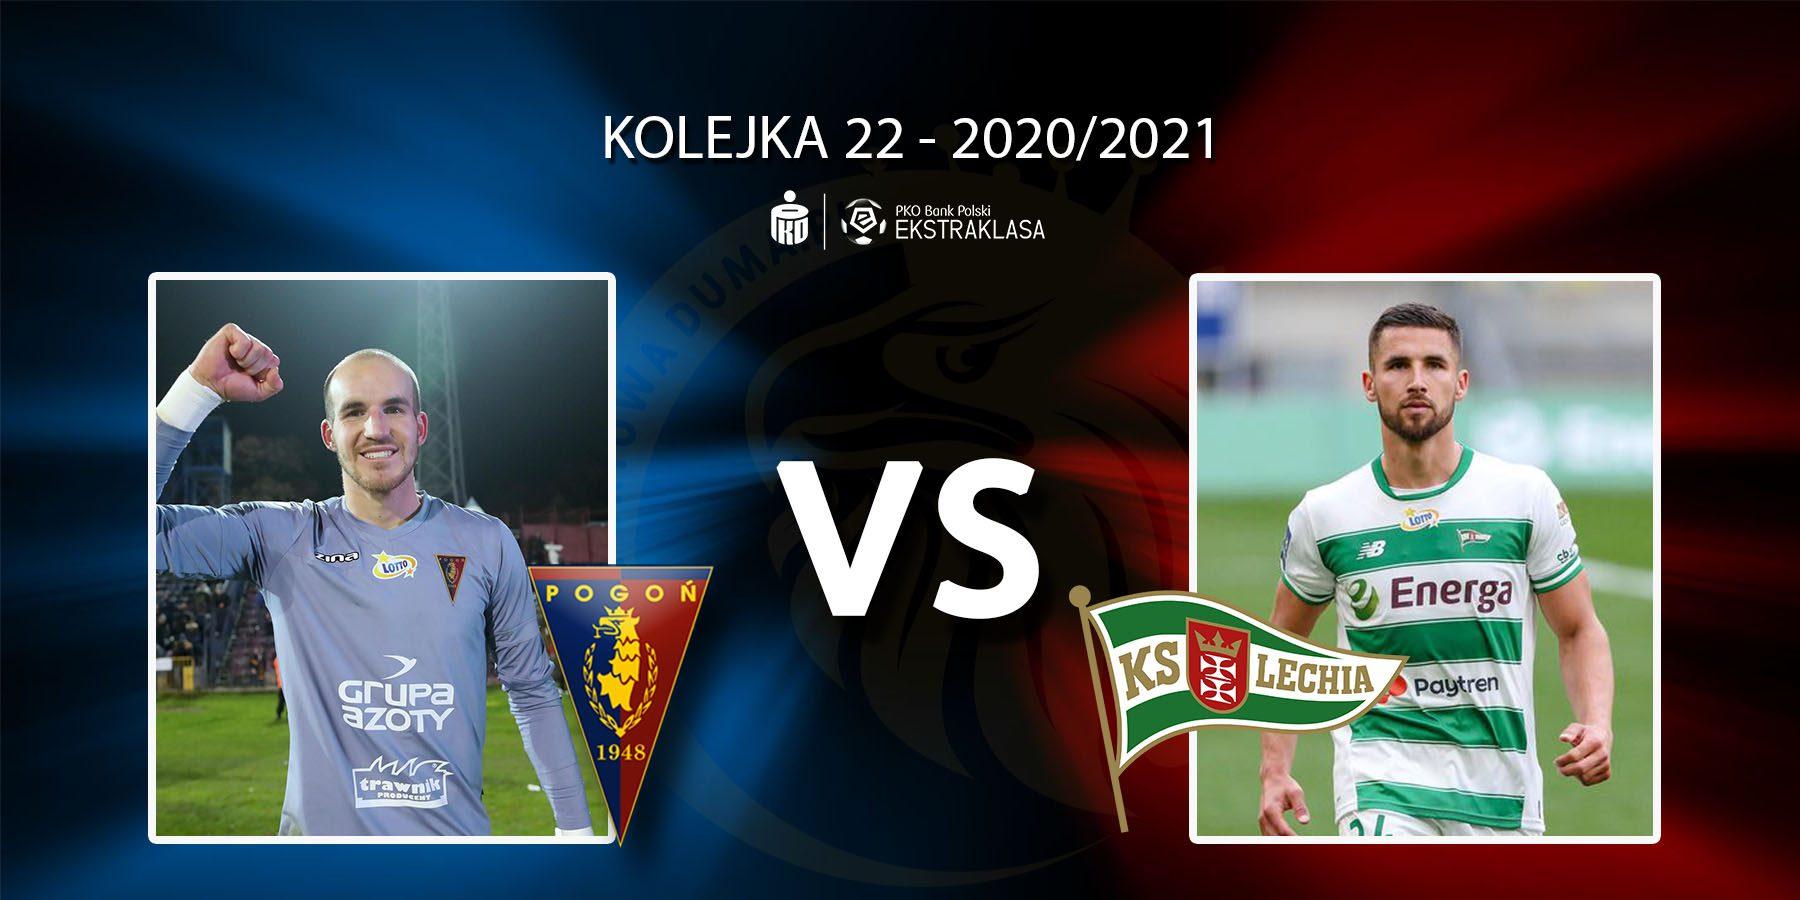 Pogoń Szczecin - Lechia Gdańsk. Pojedynek meczu: Dante Stipica vs Łukasz Zwoliński.